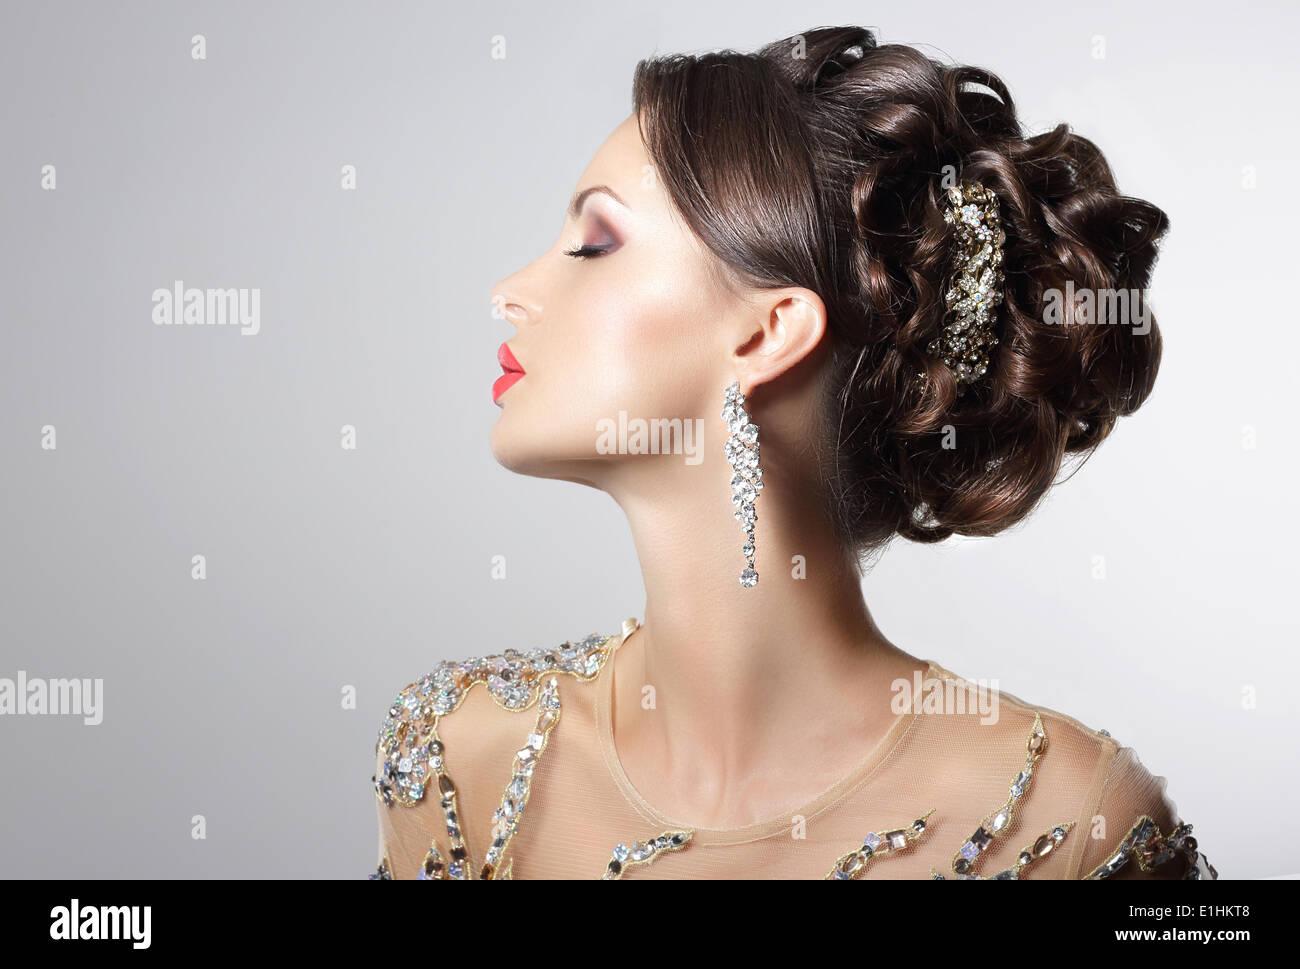 Moda morena con Bisutería de moda - Rhinestones y strass Imagen De Stock